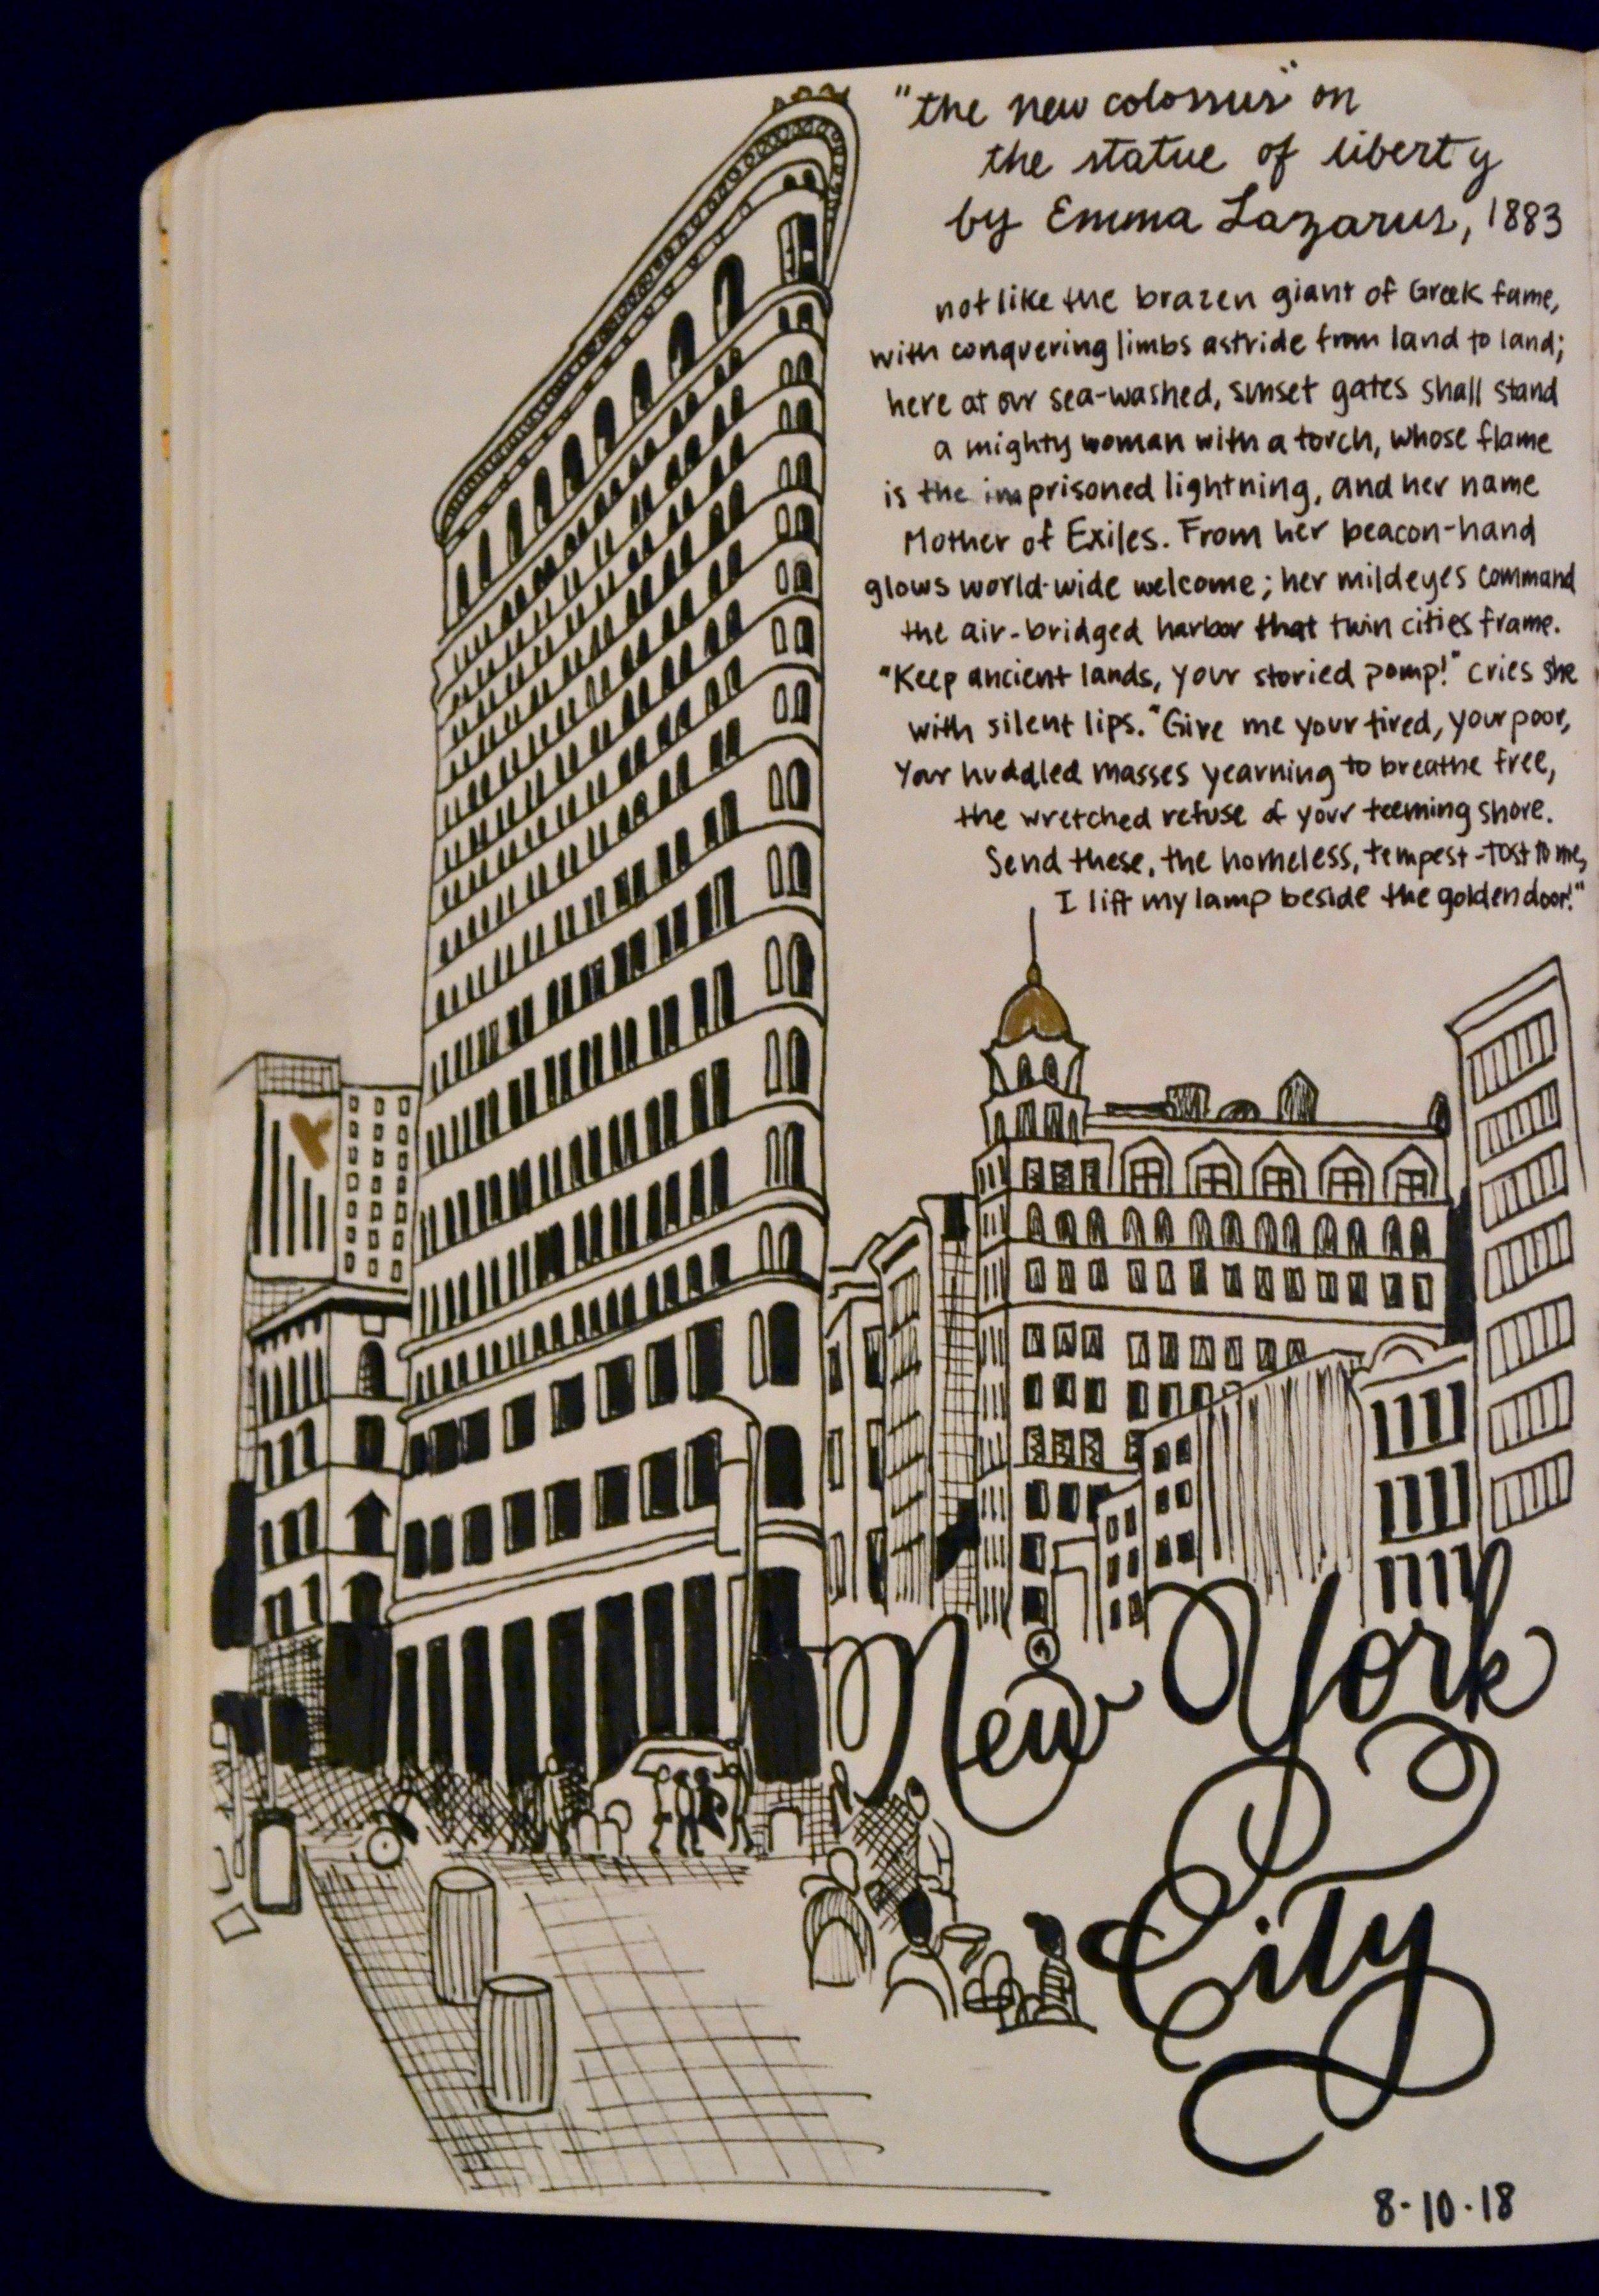 Además de mis experiencias, yo dibujo momentos especiales. Me gusto la poema de Emma Lazarus sobre la importancia de inmigrantes en Nueva York. El Flatiron es mi favorito edificio en todo Nueva York.